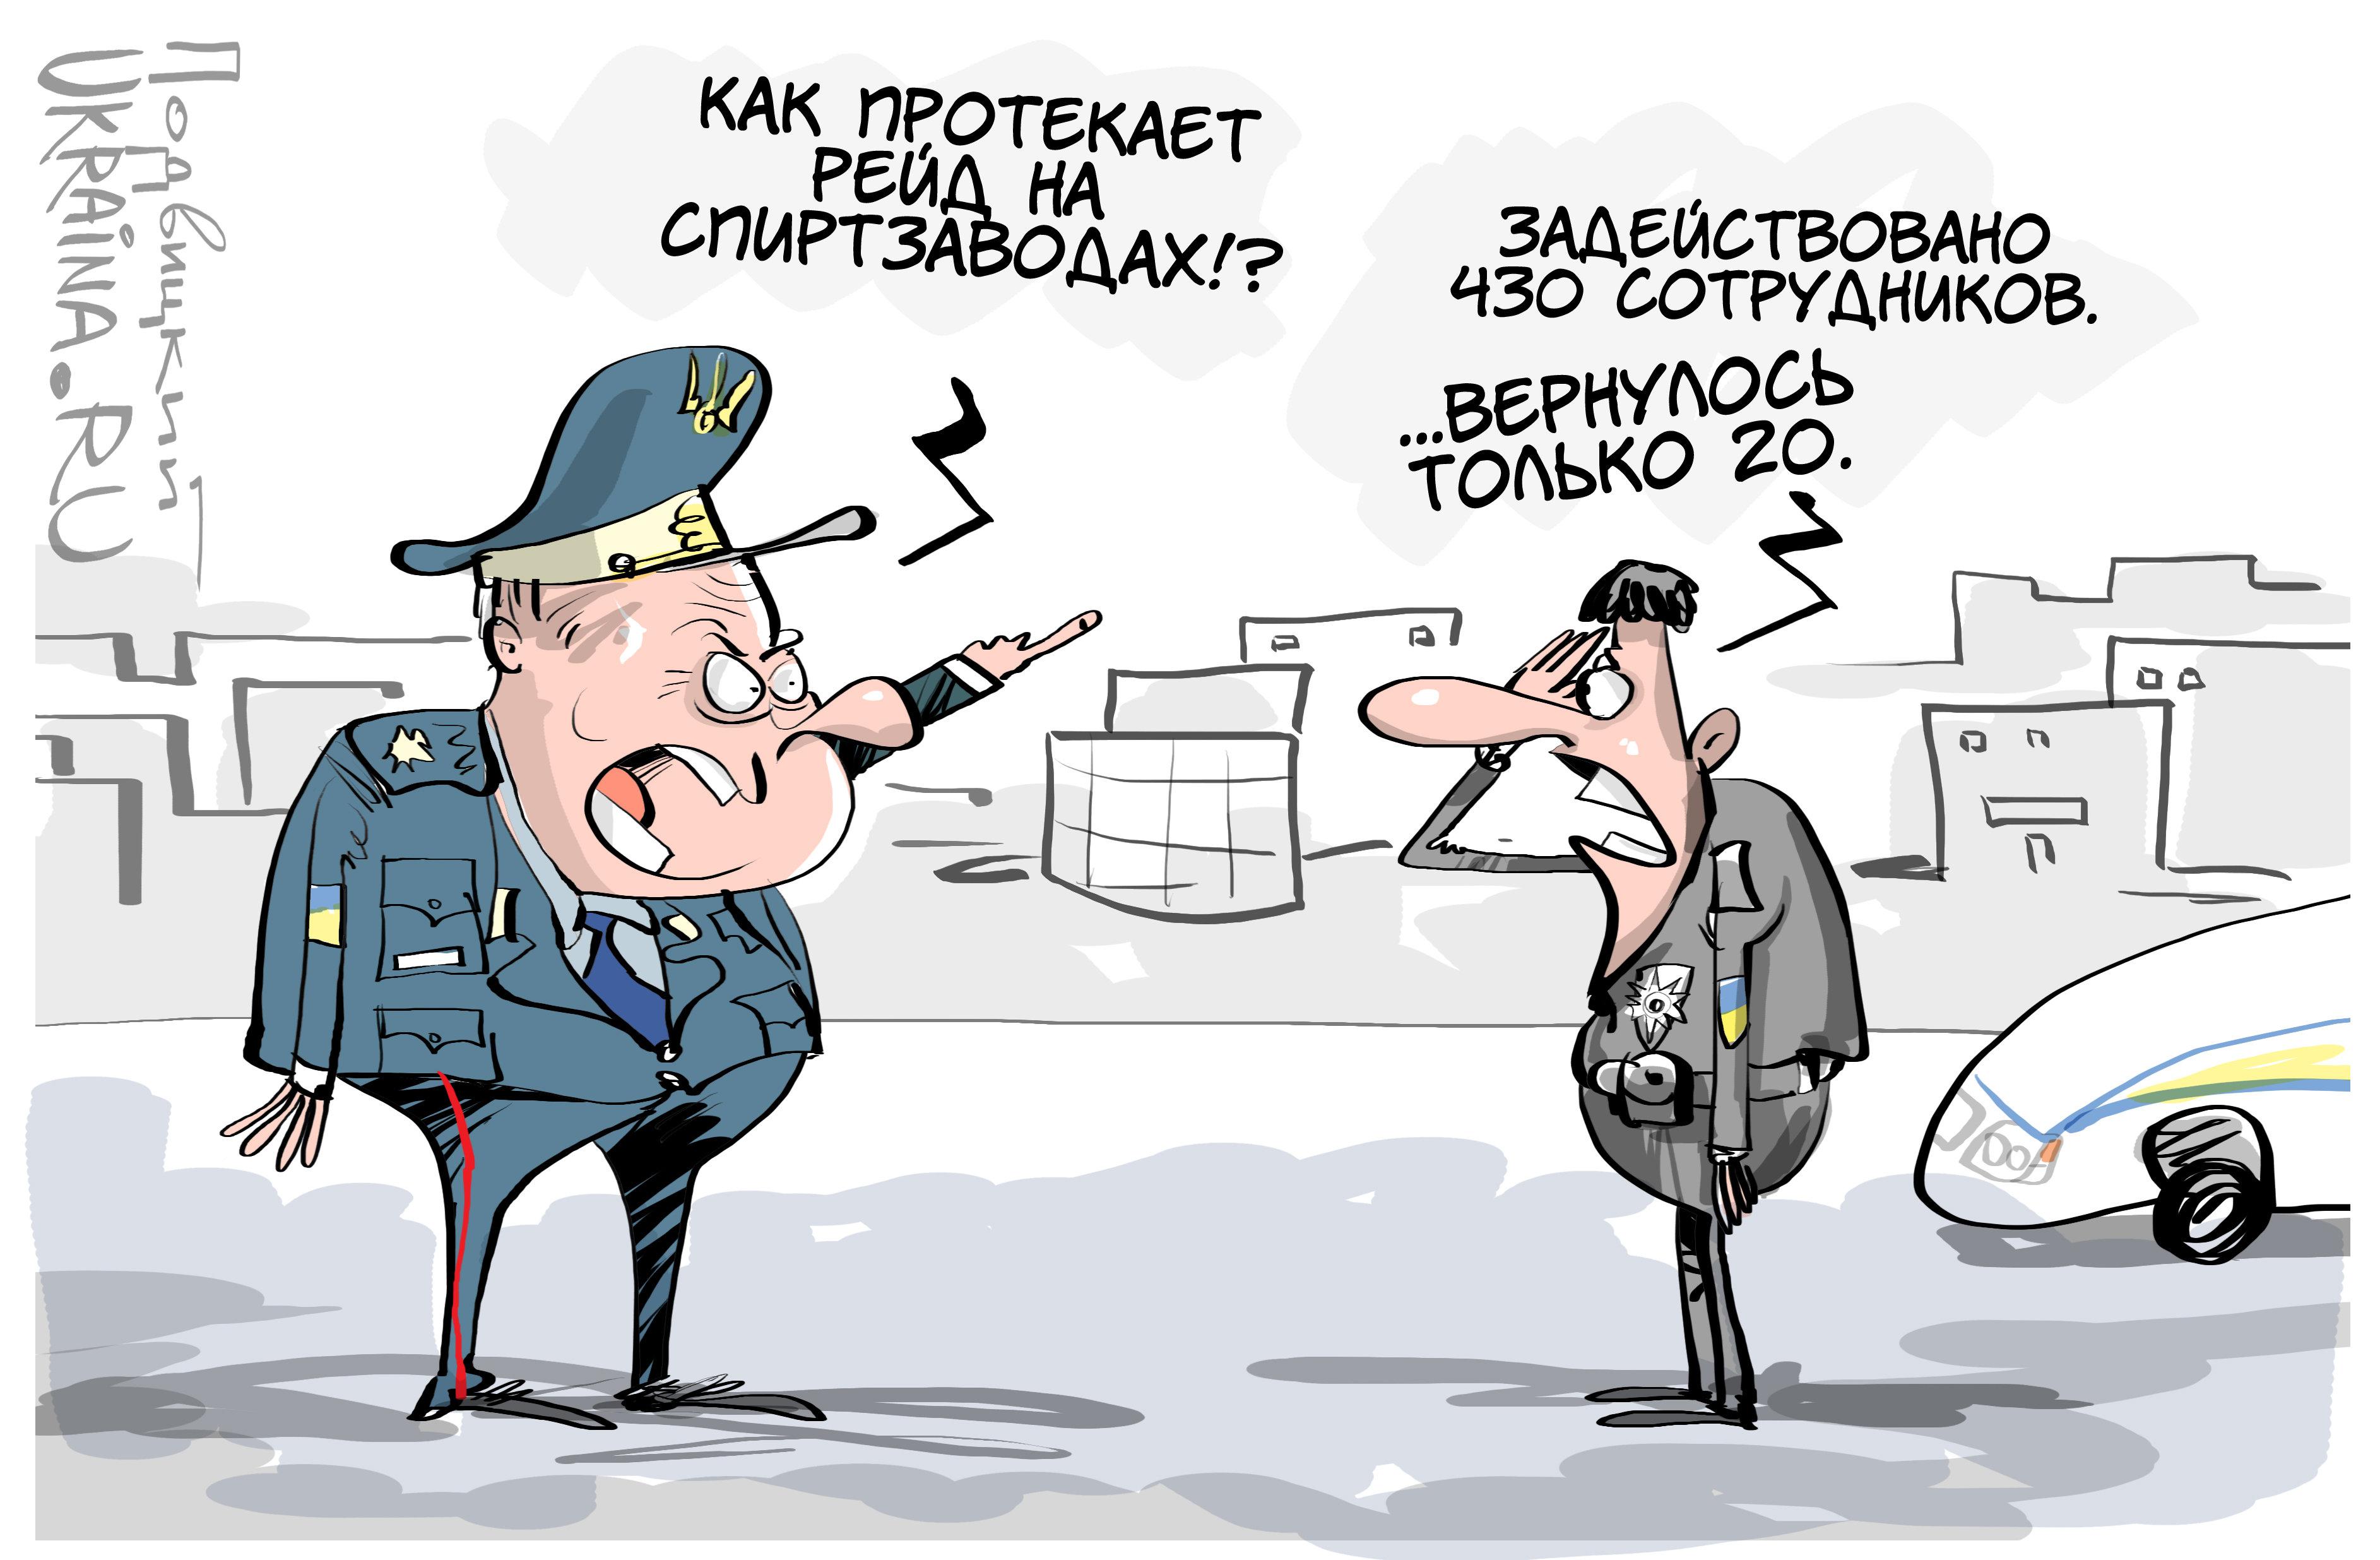 Атака Порошенко на спиртзаводы обернулась многочисленными потерями